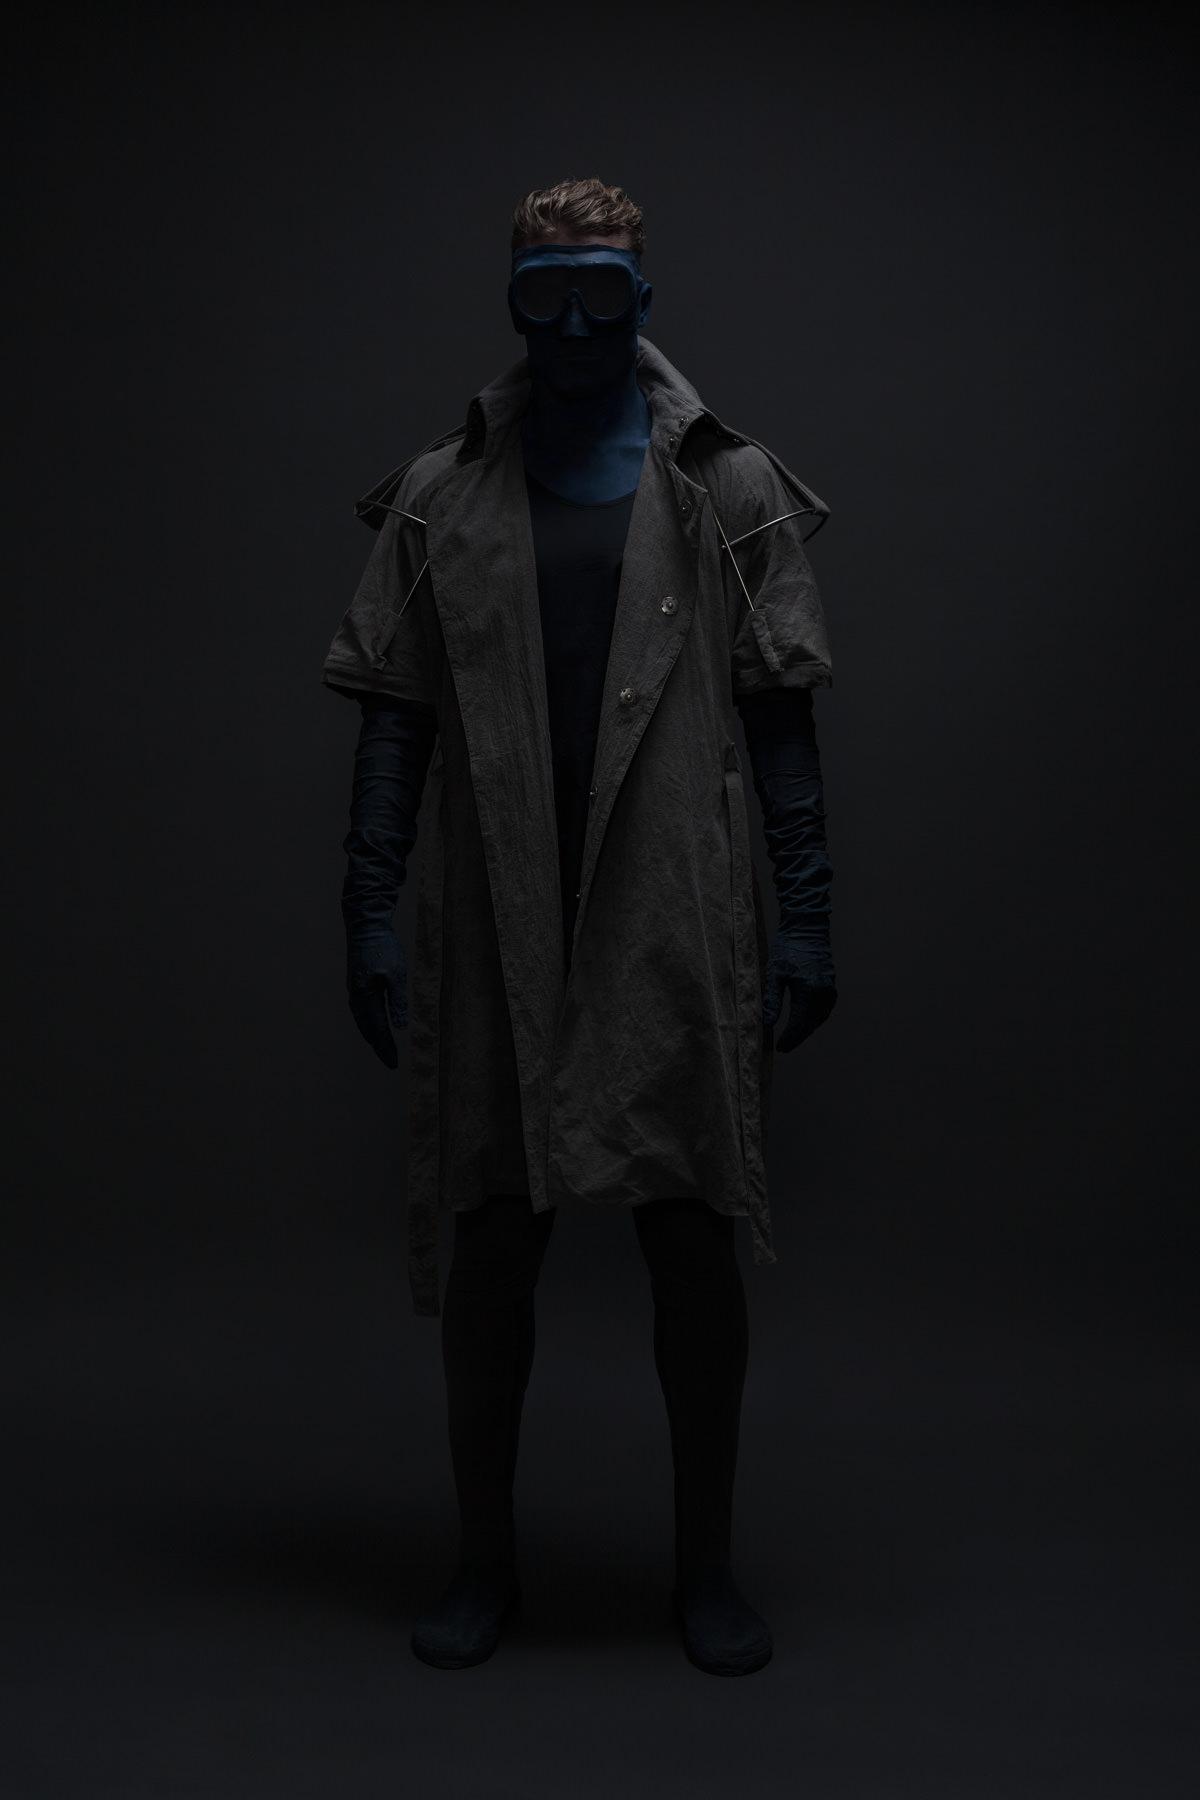 mode lukas fischer superior superhelden maske studio dunkel macht duster maske schutz exoskelett jörn strojny